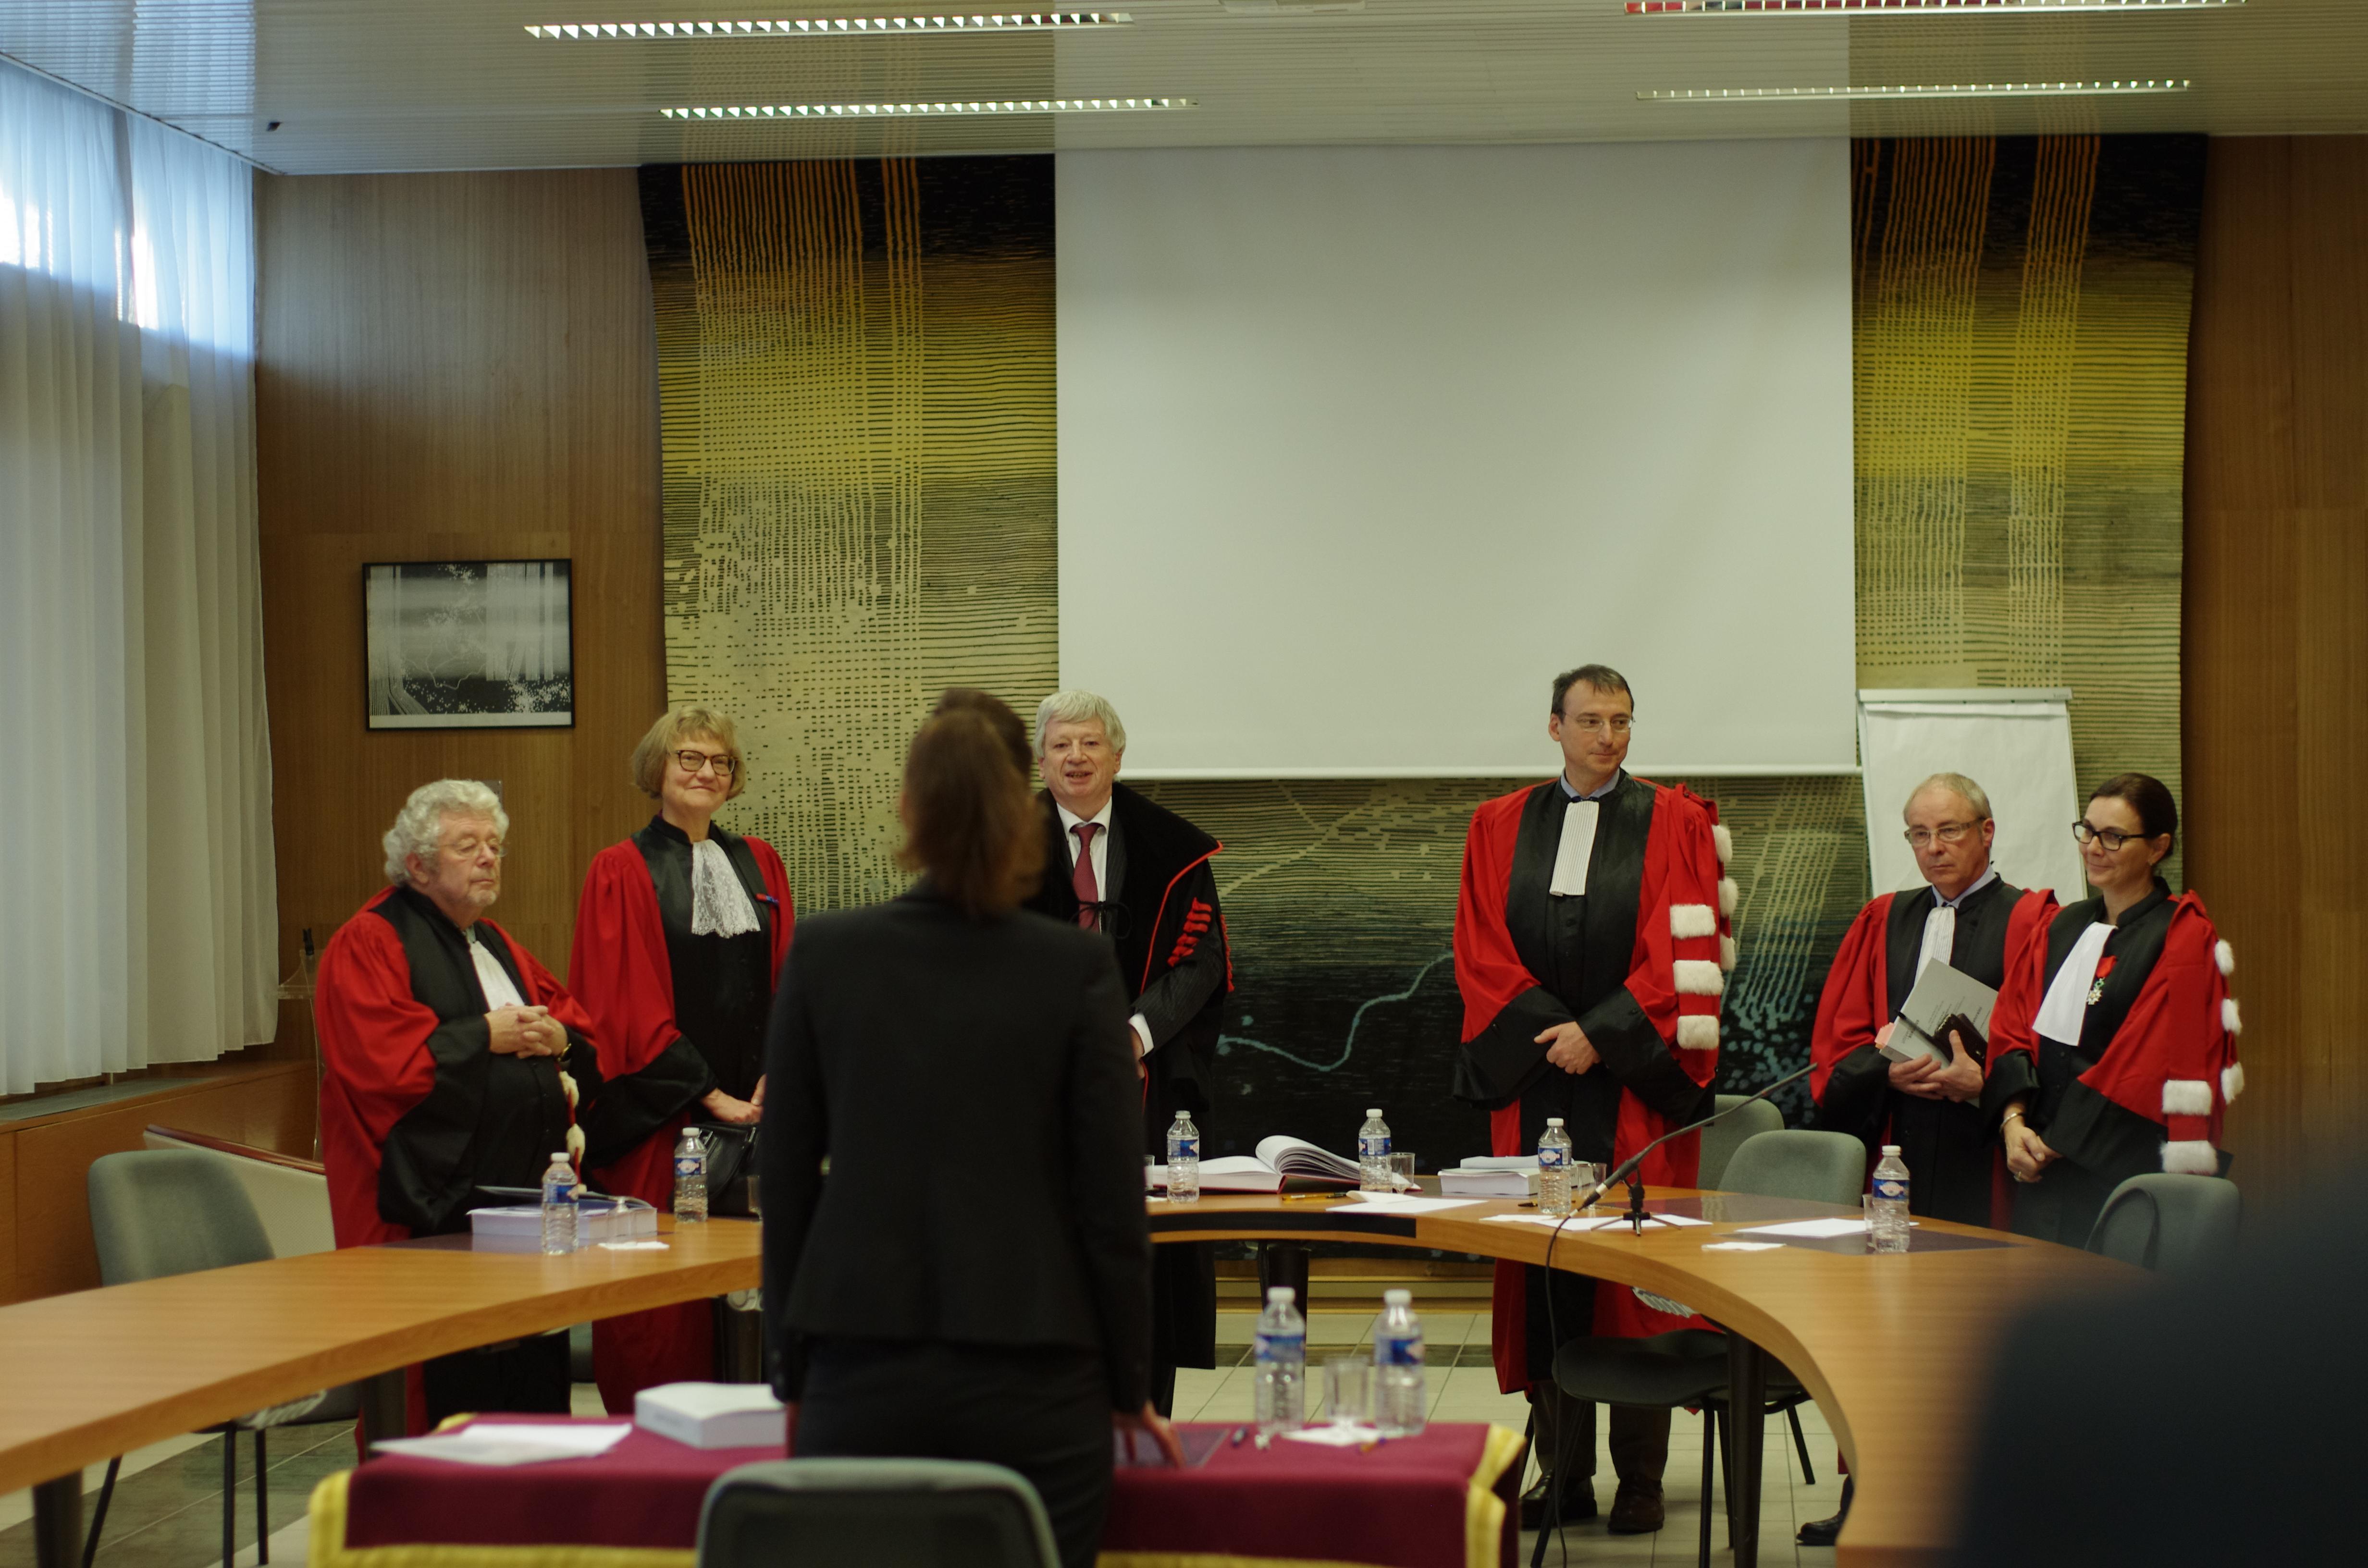 Julie TEREL soutenance de thèse - Pierre MURAT - Jean-Louis RENCHON - Adeline GOUTTENOIRE - Jean HAUSER - Françoise DEKEUWER-DEFOSSEZ - Jean-Jacques LEMOULAND